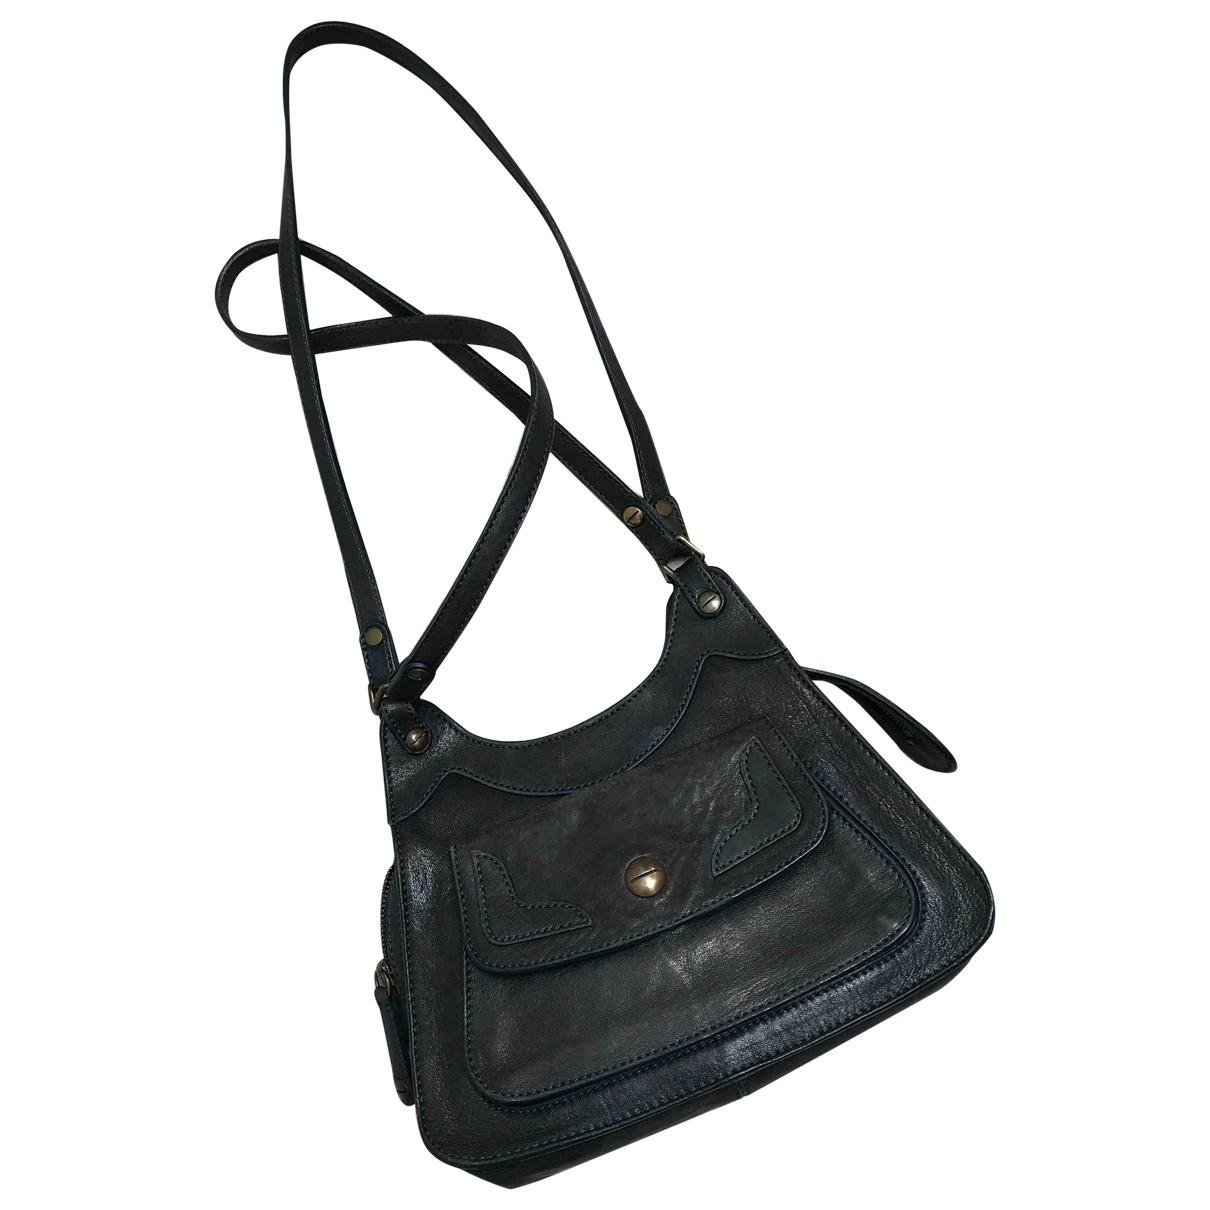 Gerard Darel 24h Handtasche in Leder